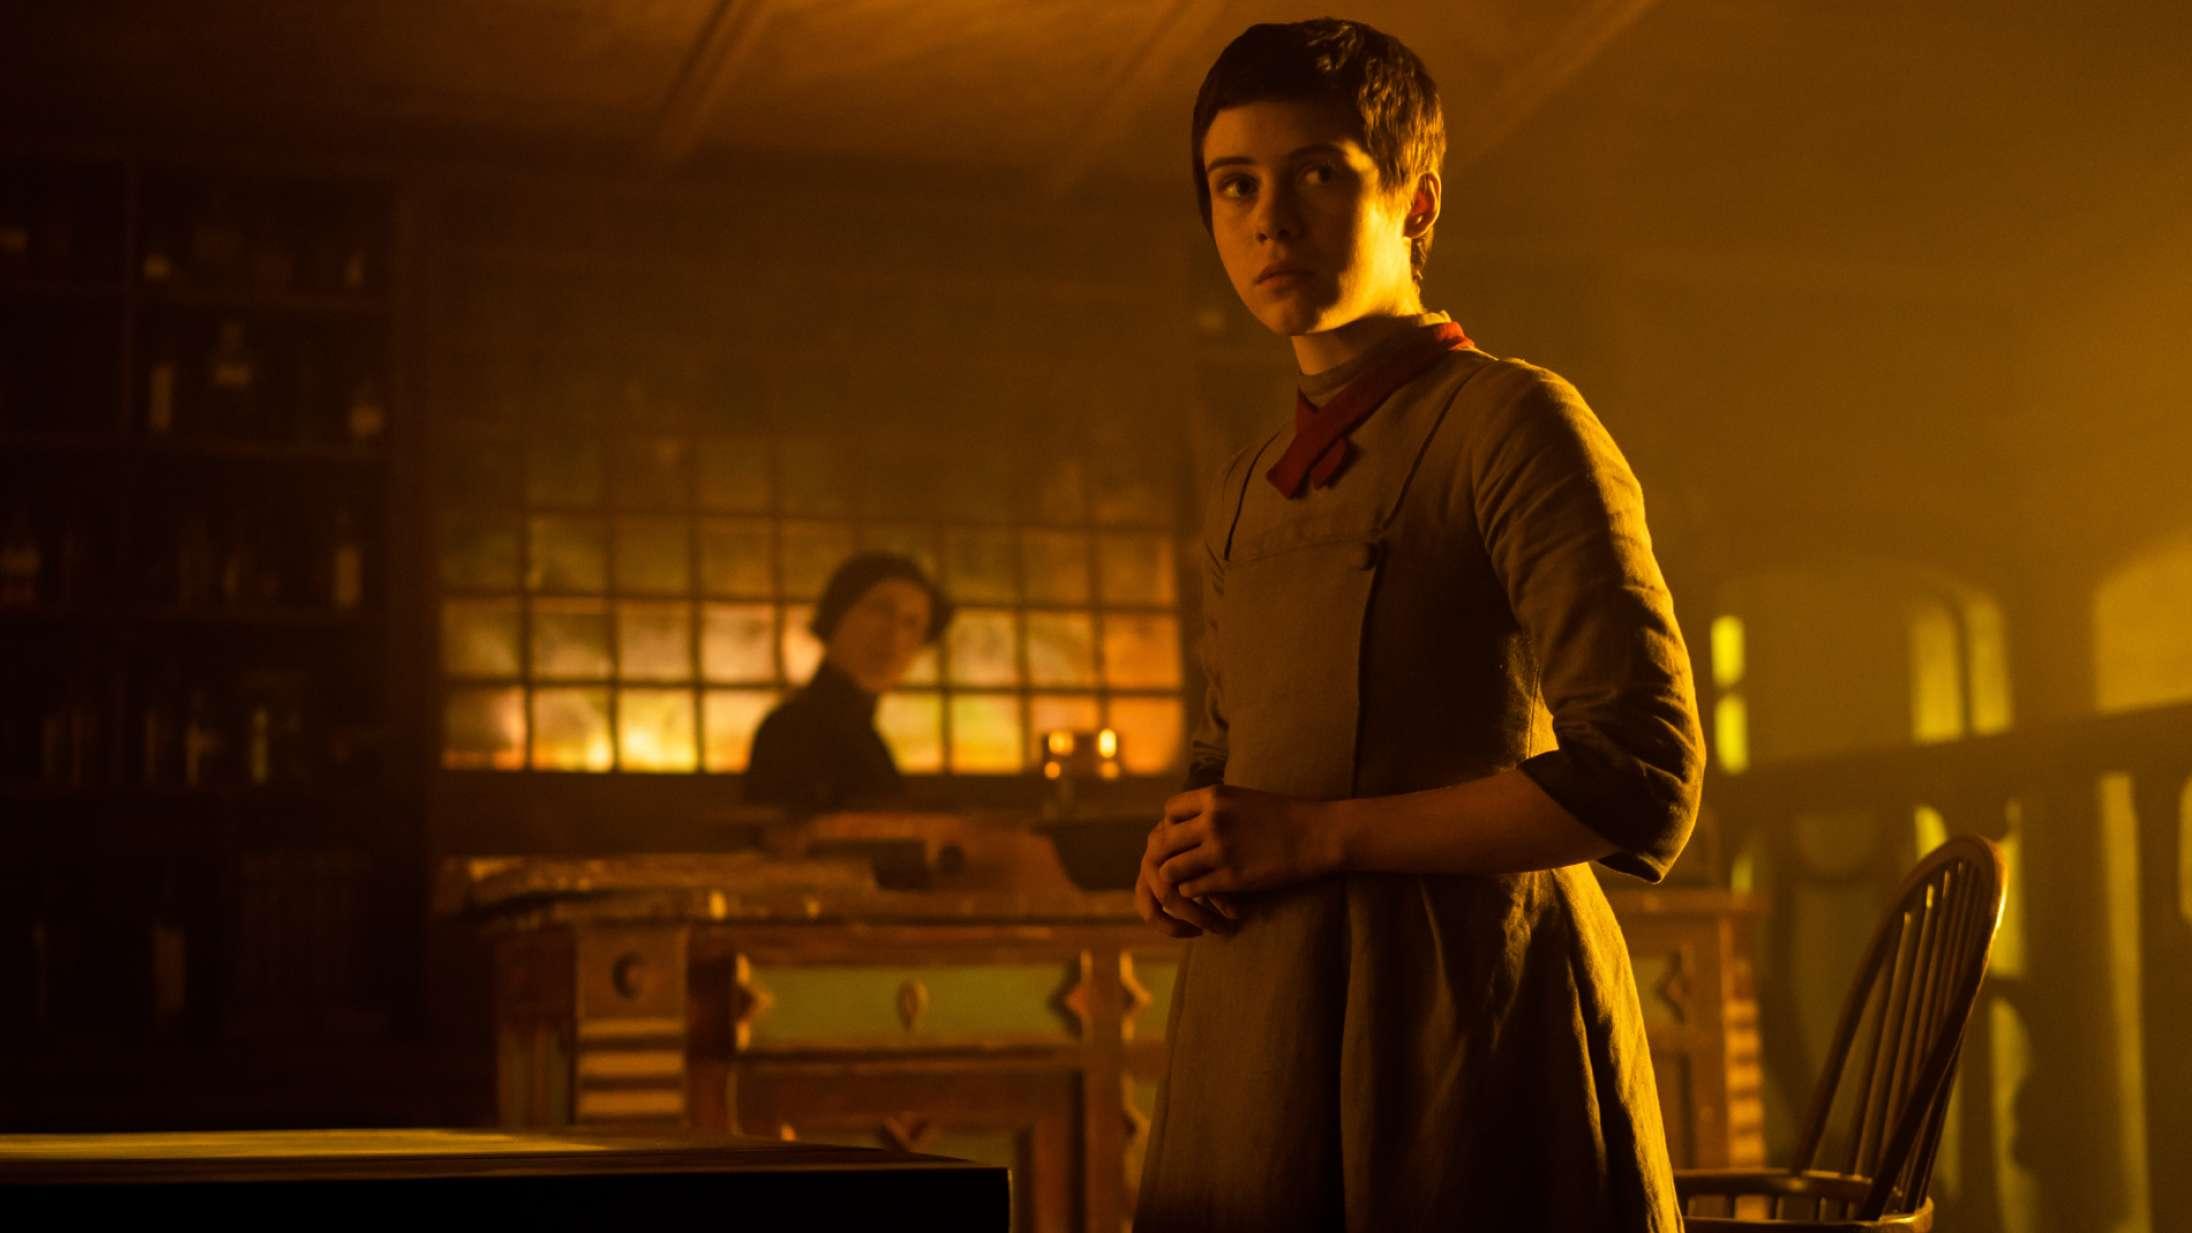 'Gretel & Hansel': Moderne Grimm-gyser prøver alt for hårdt at være intellektuel